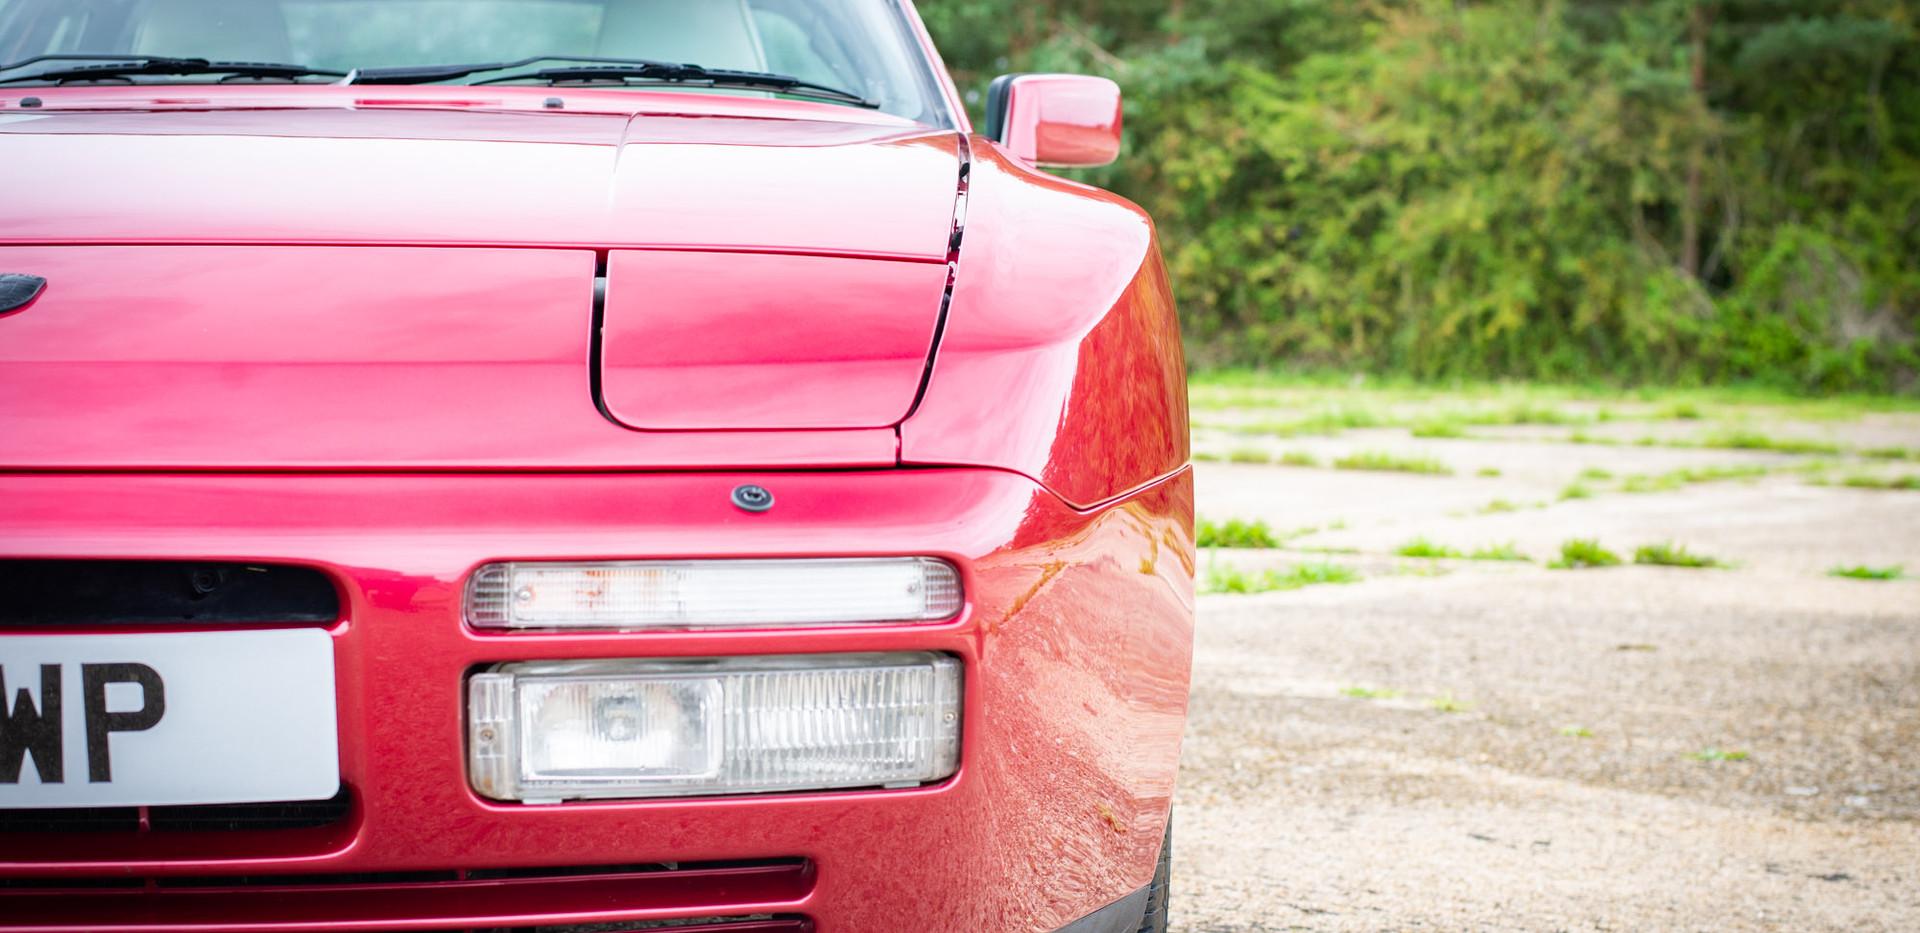 Porsche 944S For Sale UK London-8.jpg